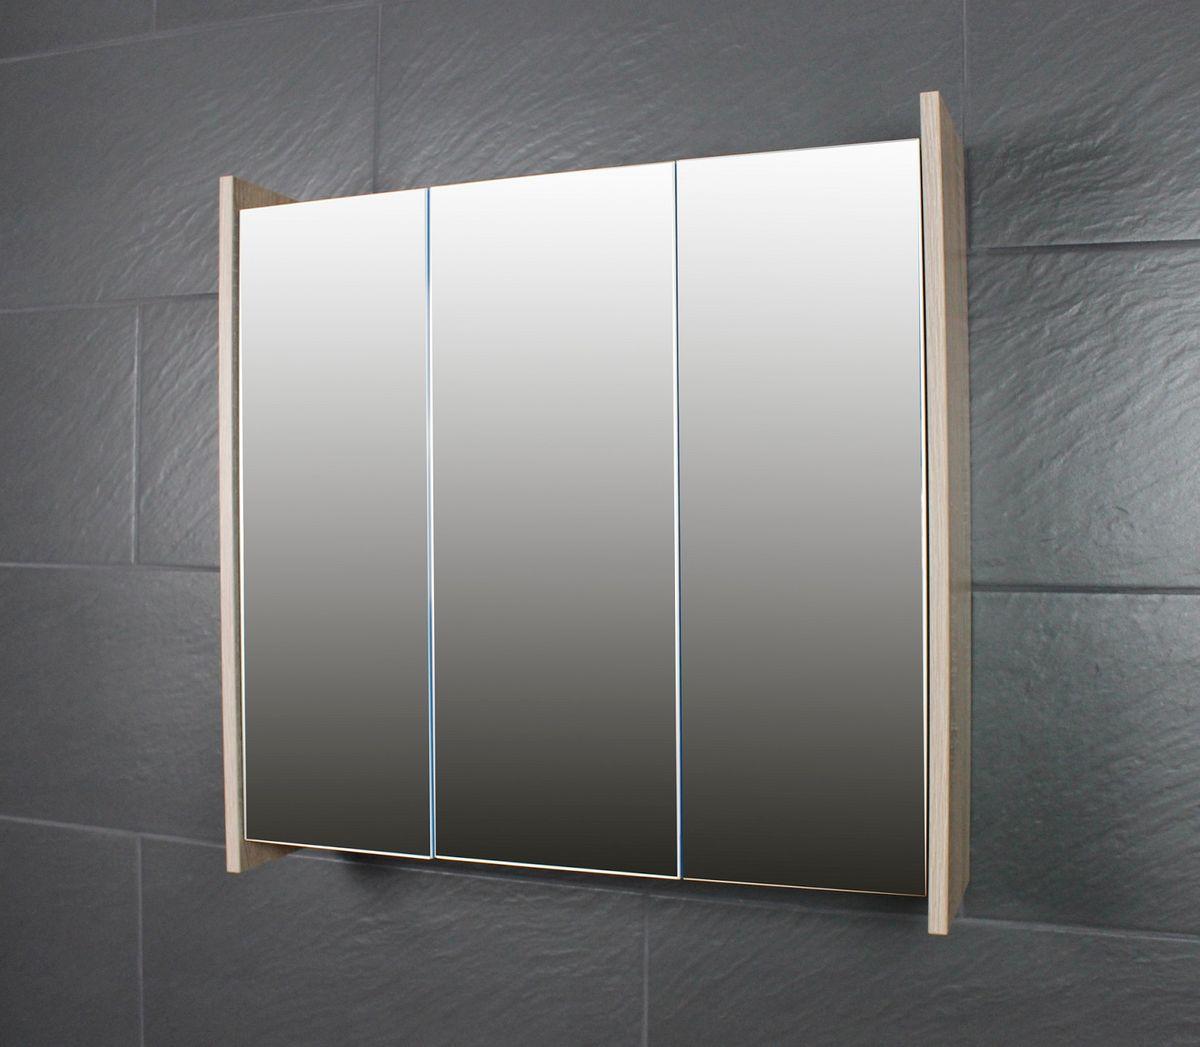 Spiegelschrank FROSTI 70 cm Sonoma Eiche Dunkel – Bild 1